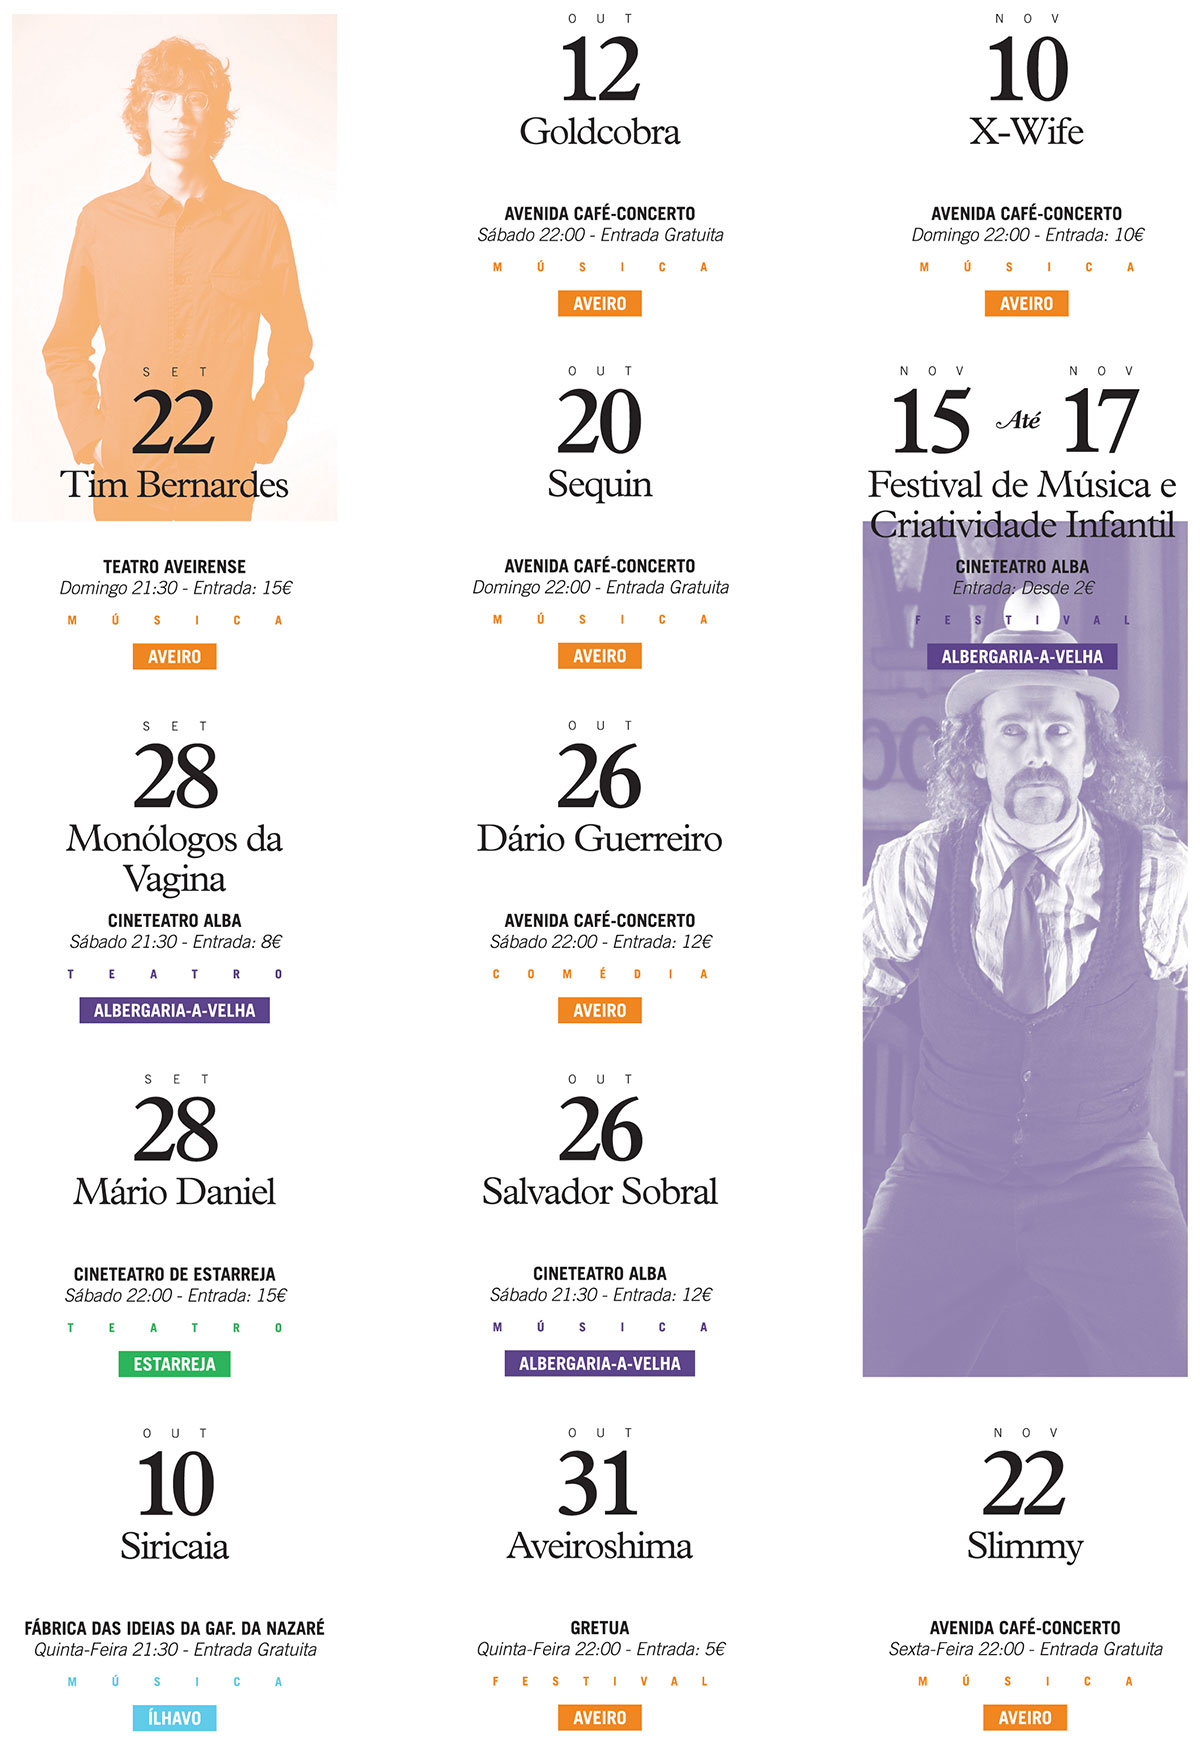 agenda_cultual-litoral-magazine-2